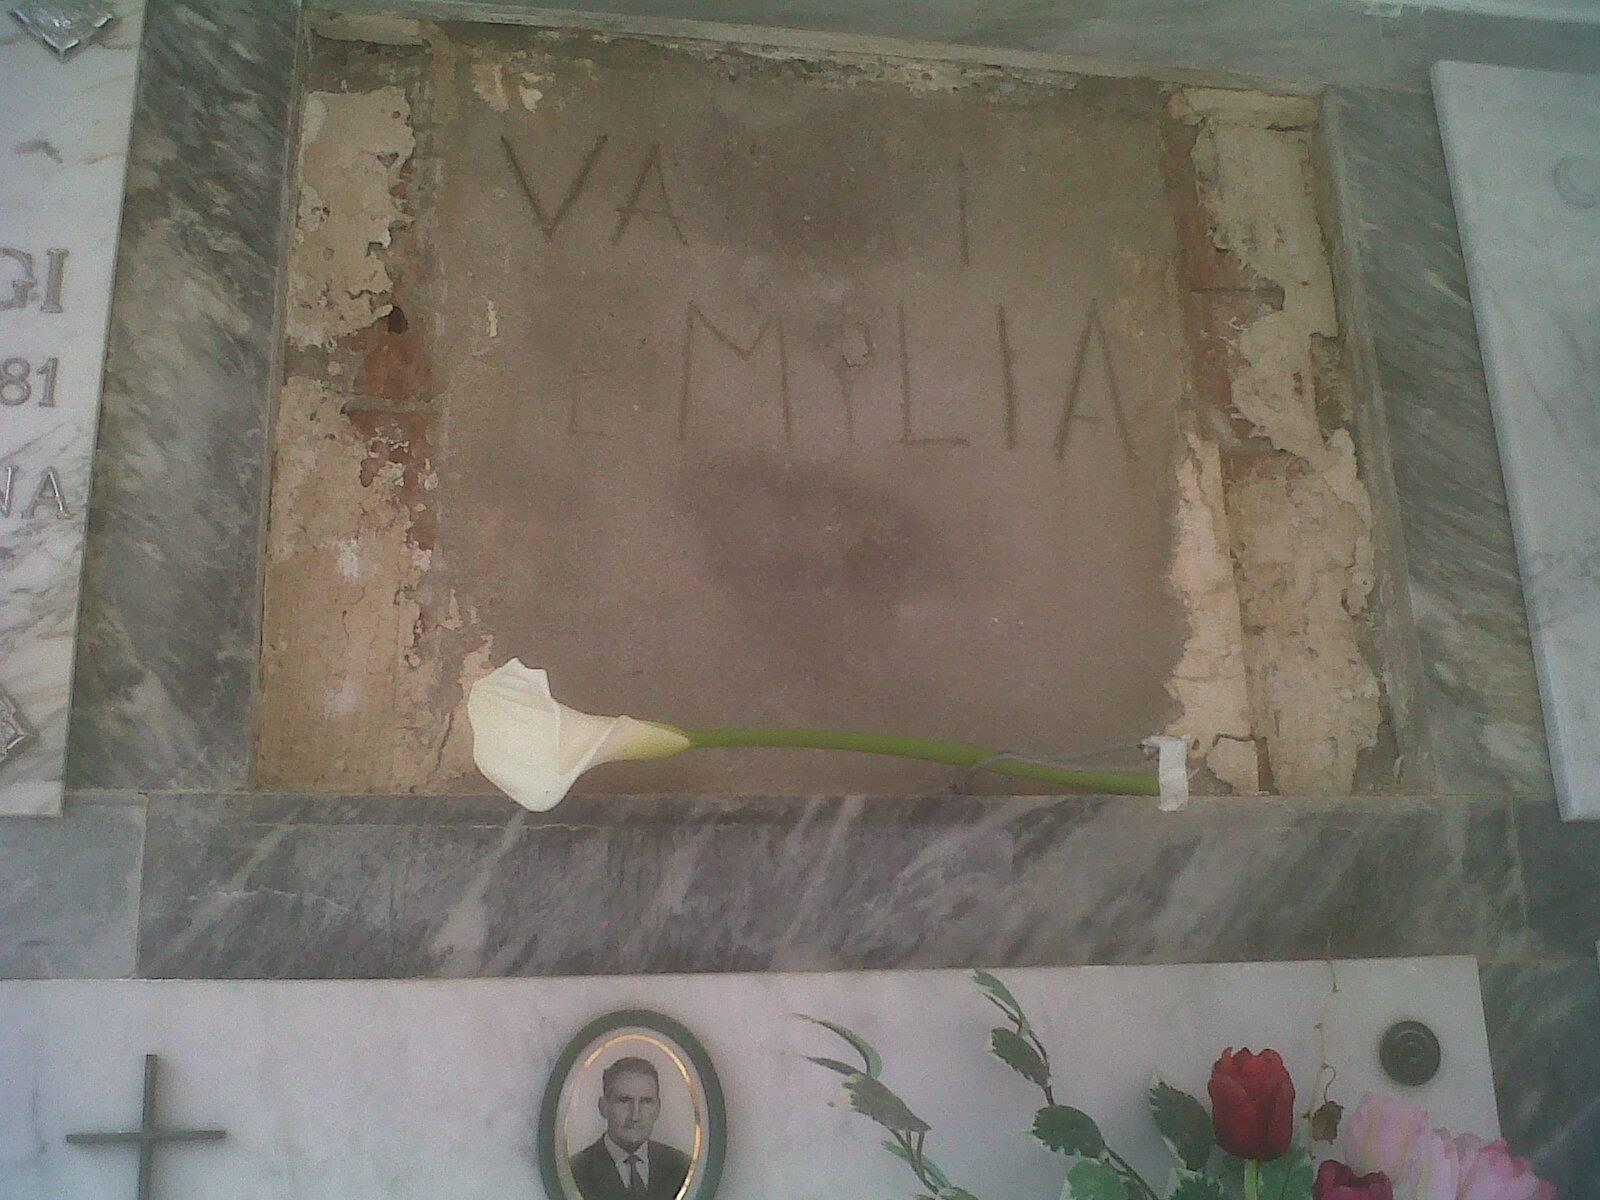 """Roberta Ragusa, mistero tomba senza lapide. Sms: """"Ci sei quasi..."""""""